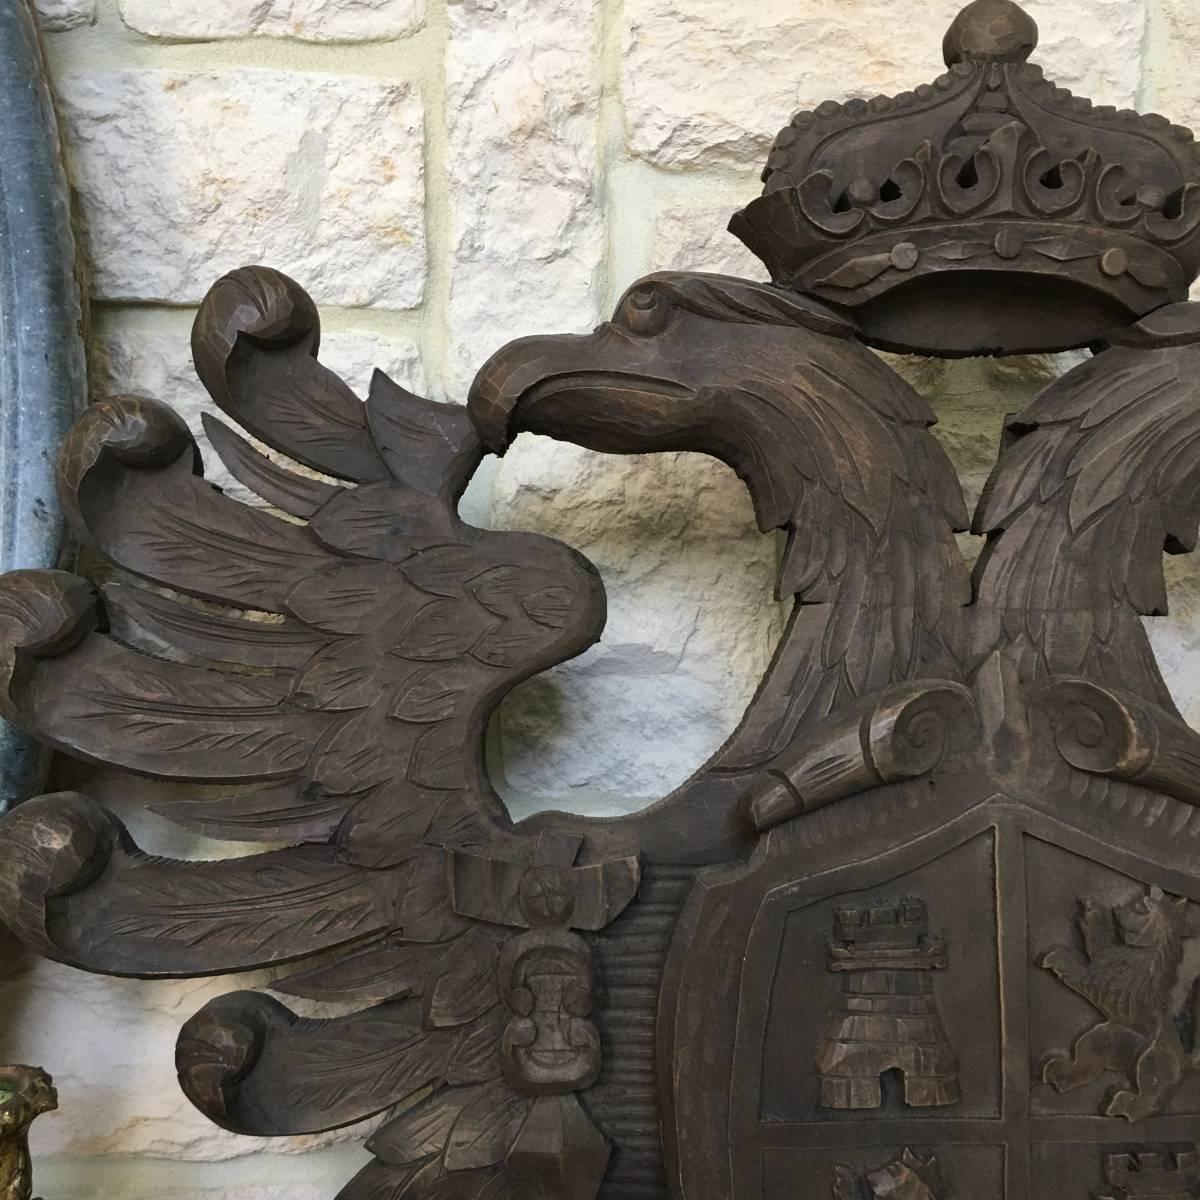 フランスアンティーク イーグル オブジェ 壁掛け 木製 ウッドオブジェ アンティーク家具 アンティーク ヨーロッパ 重厚_画像2